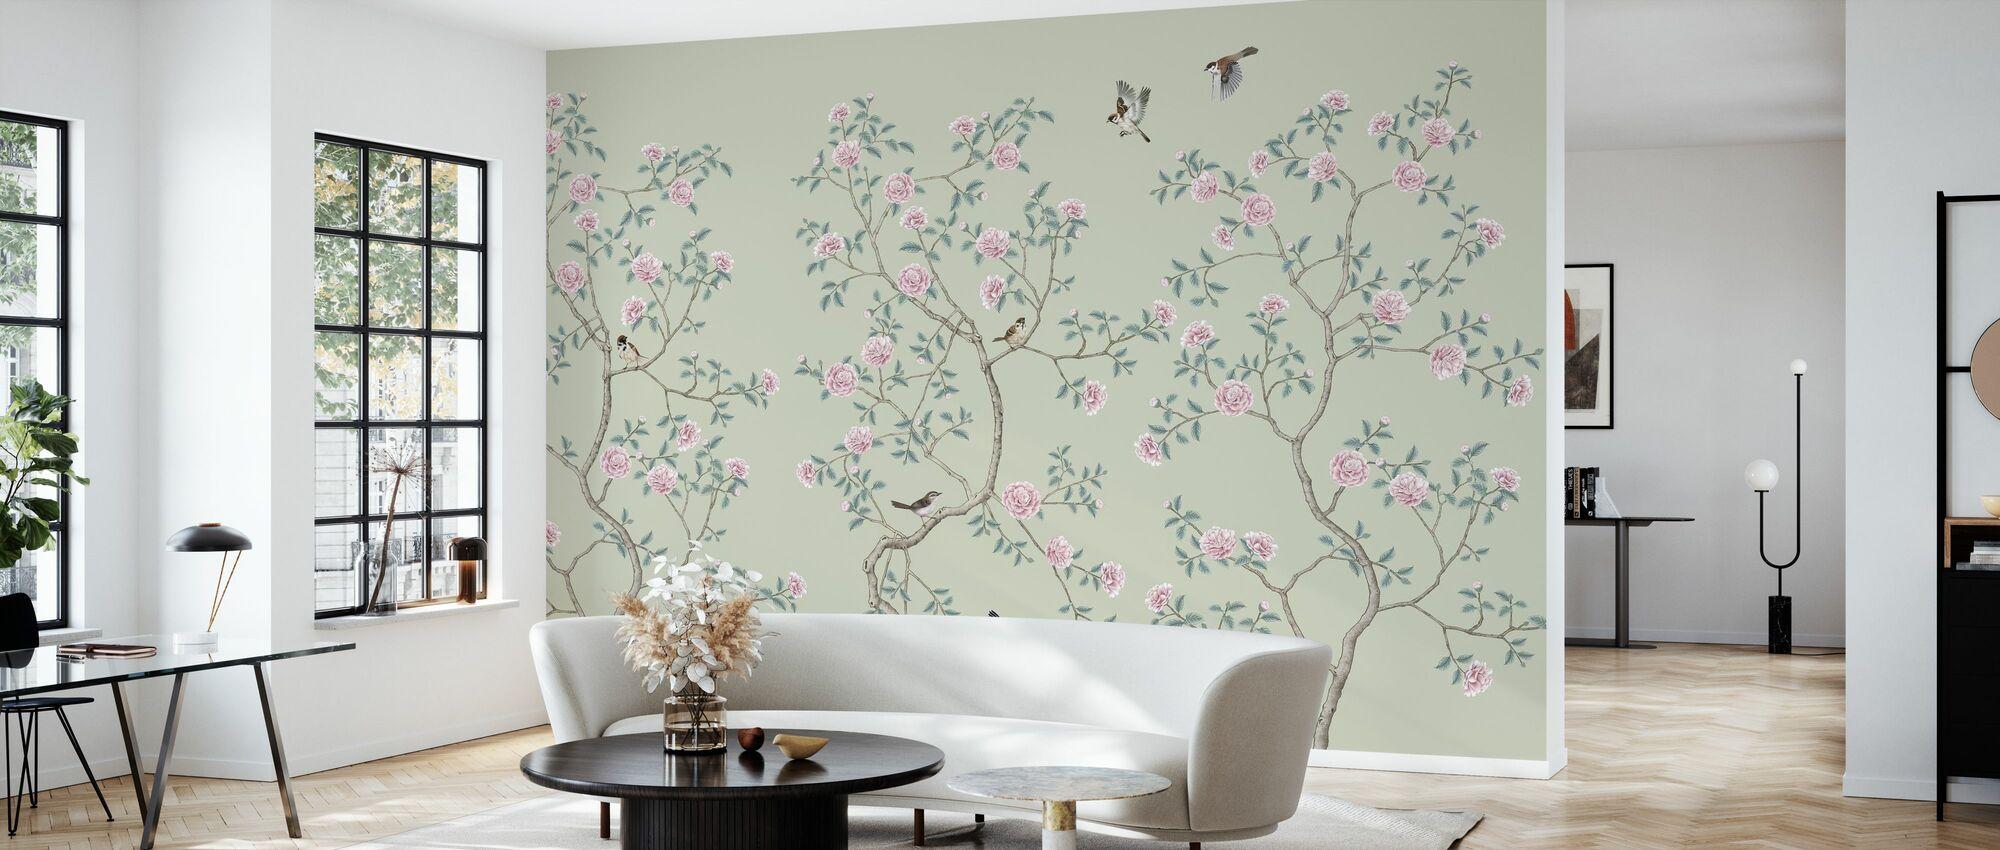 Flowering Chinoiserie Birds Pea - Wallpaper - Living Room